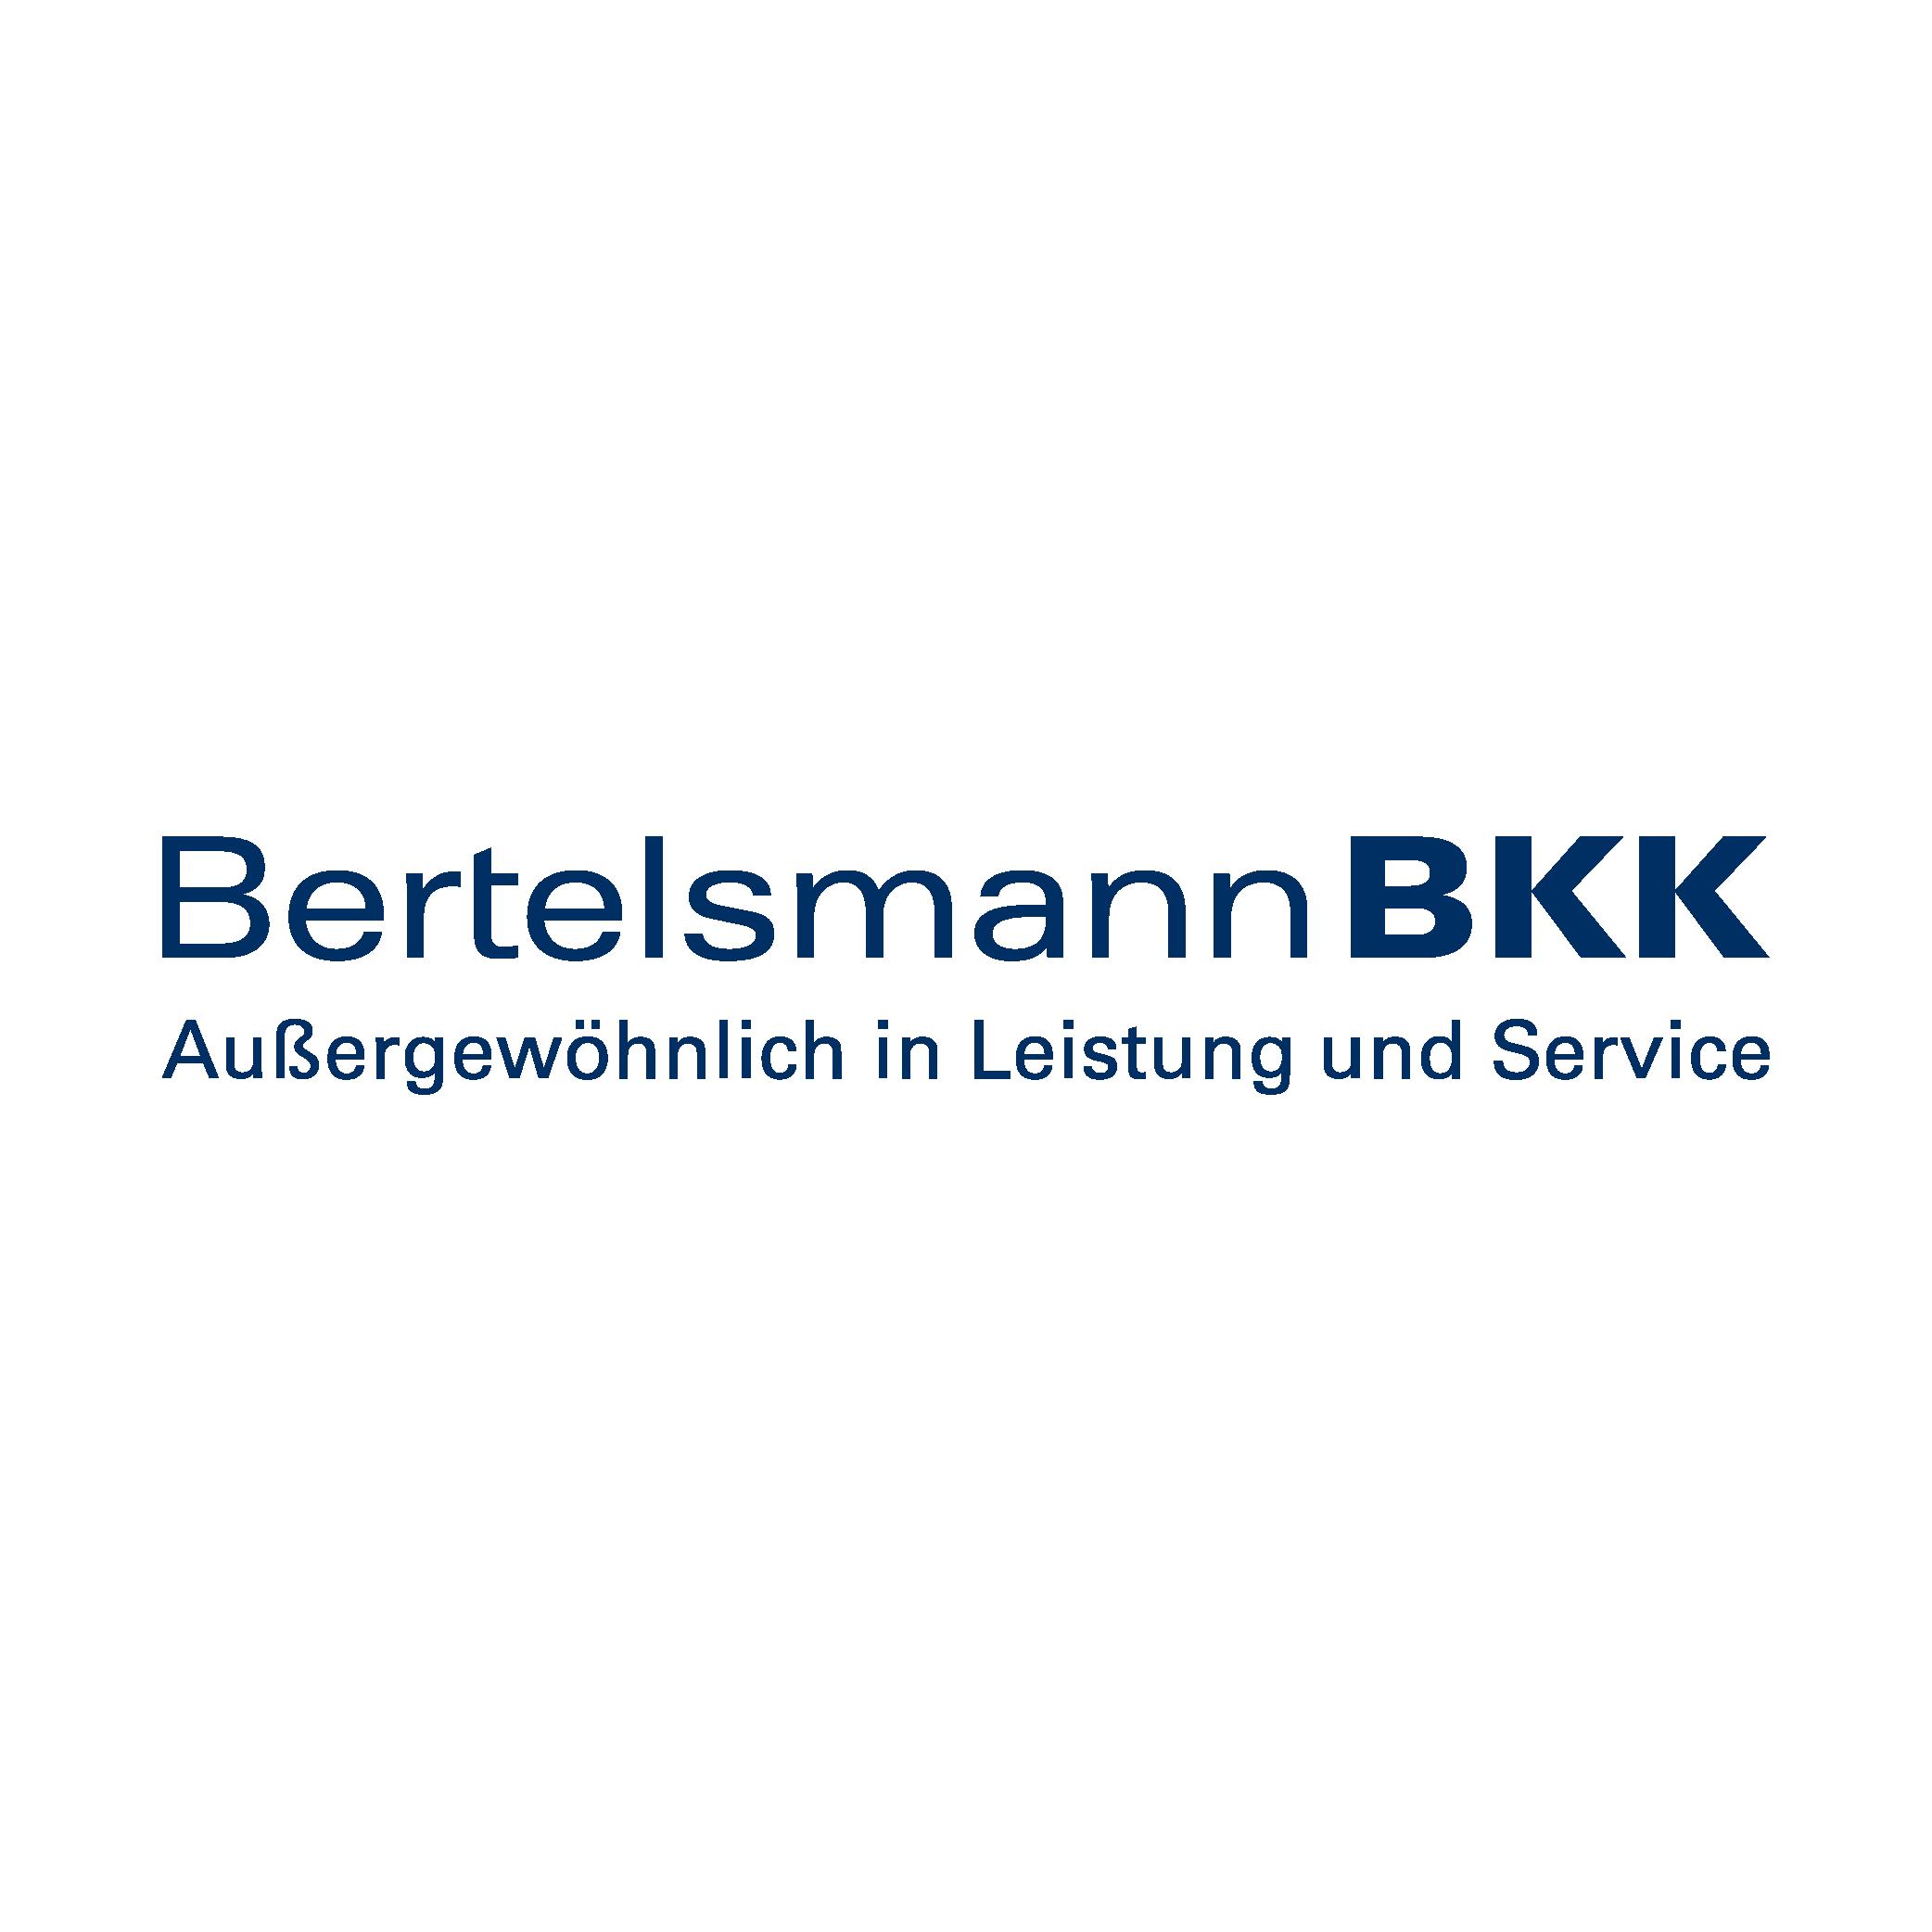 Markenzeichen der Bertelsmann BKK